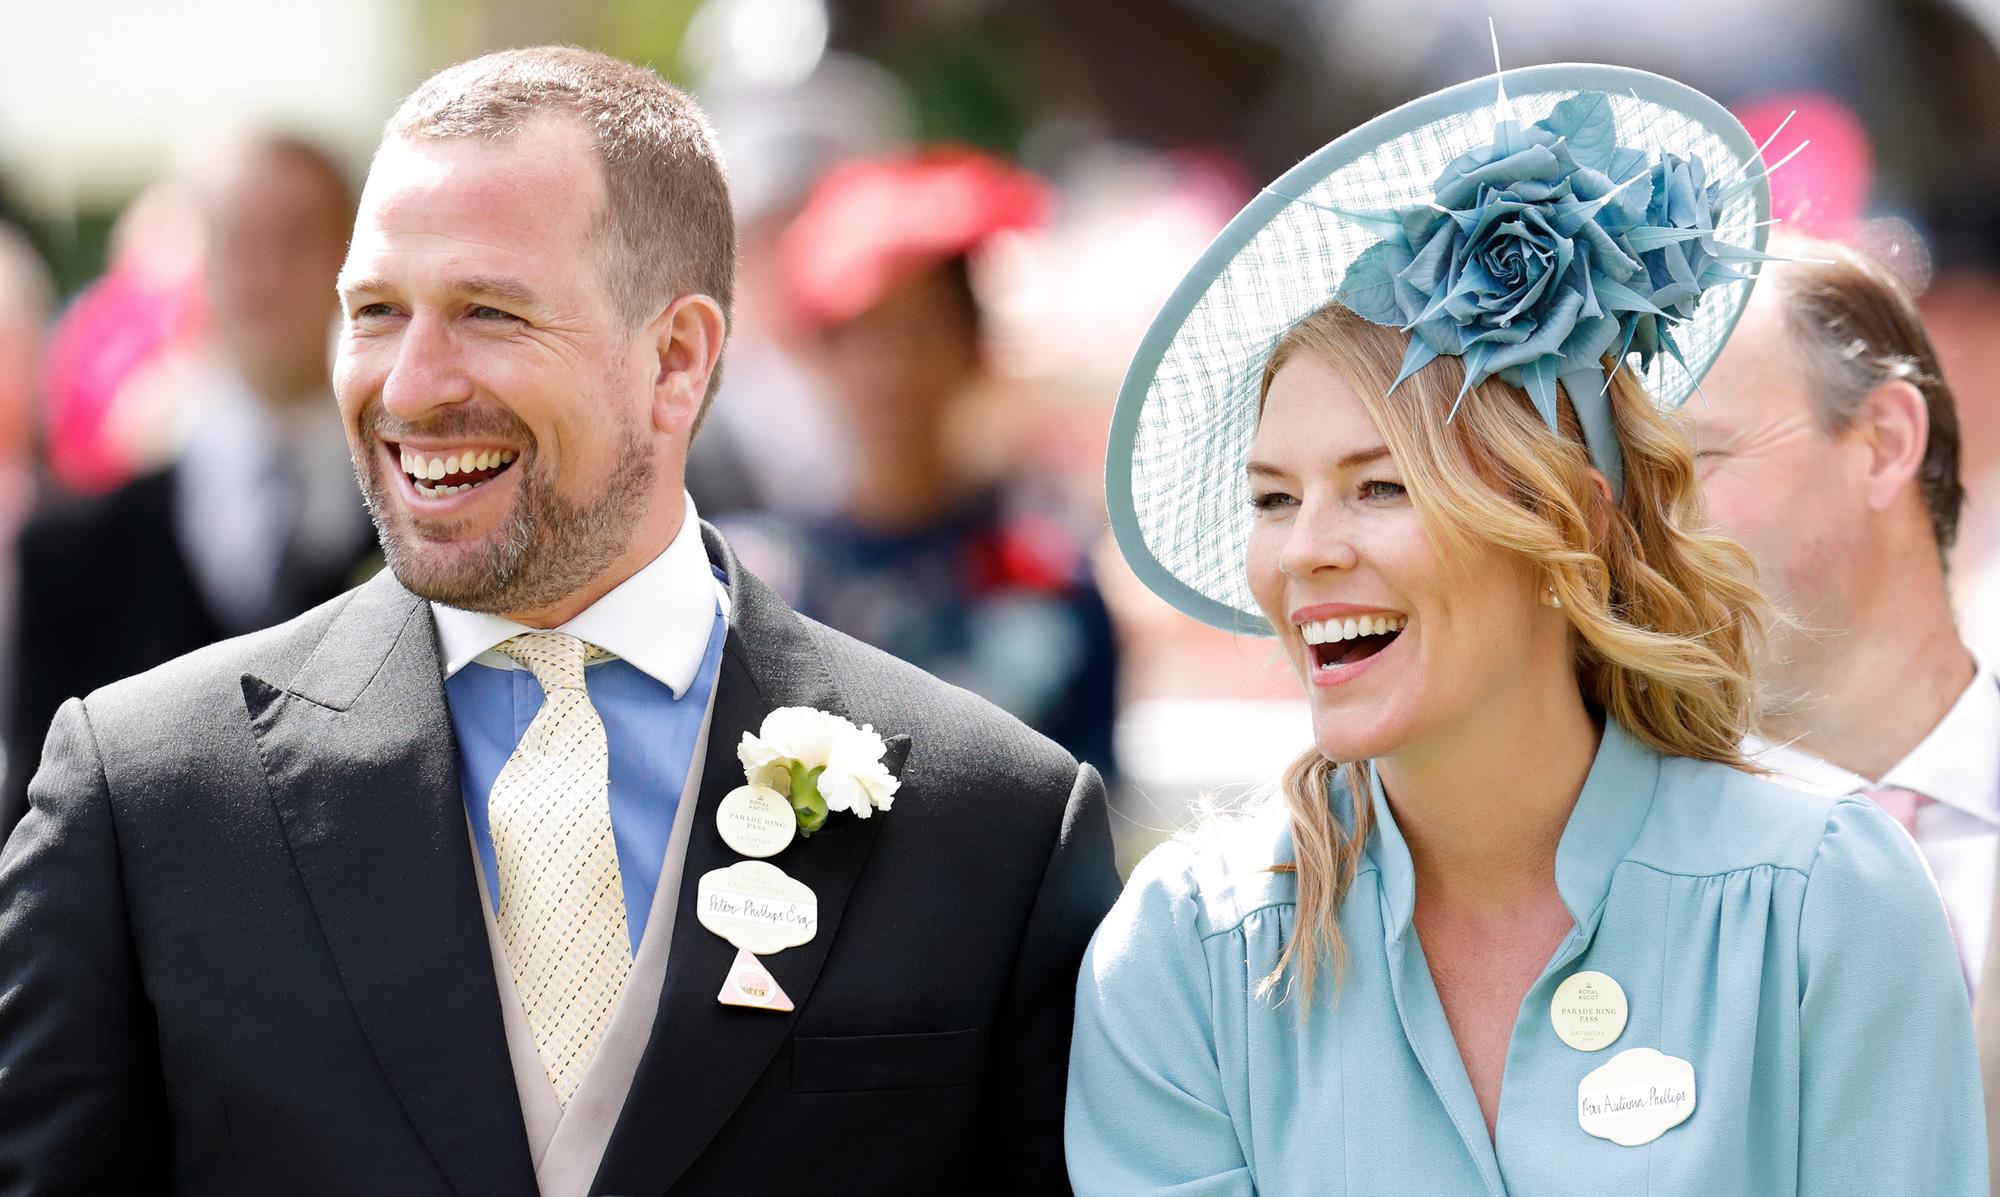 """Dính nghi án khiến cặp đôi hoàng gia ly hôn, Meghan Markle phớt lờ mọi chuyện và """"ra lệnh"""" cho chồng thực hiện yêu cầu đặc biệt - Ảnh 1."""